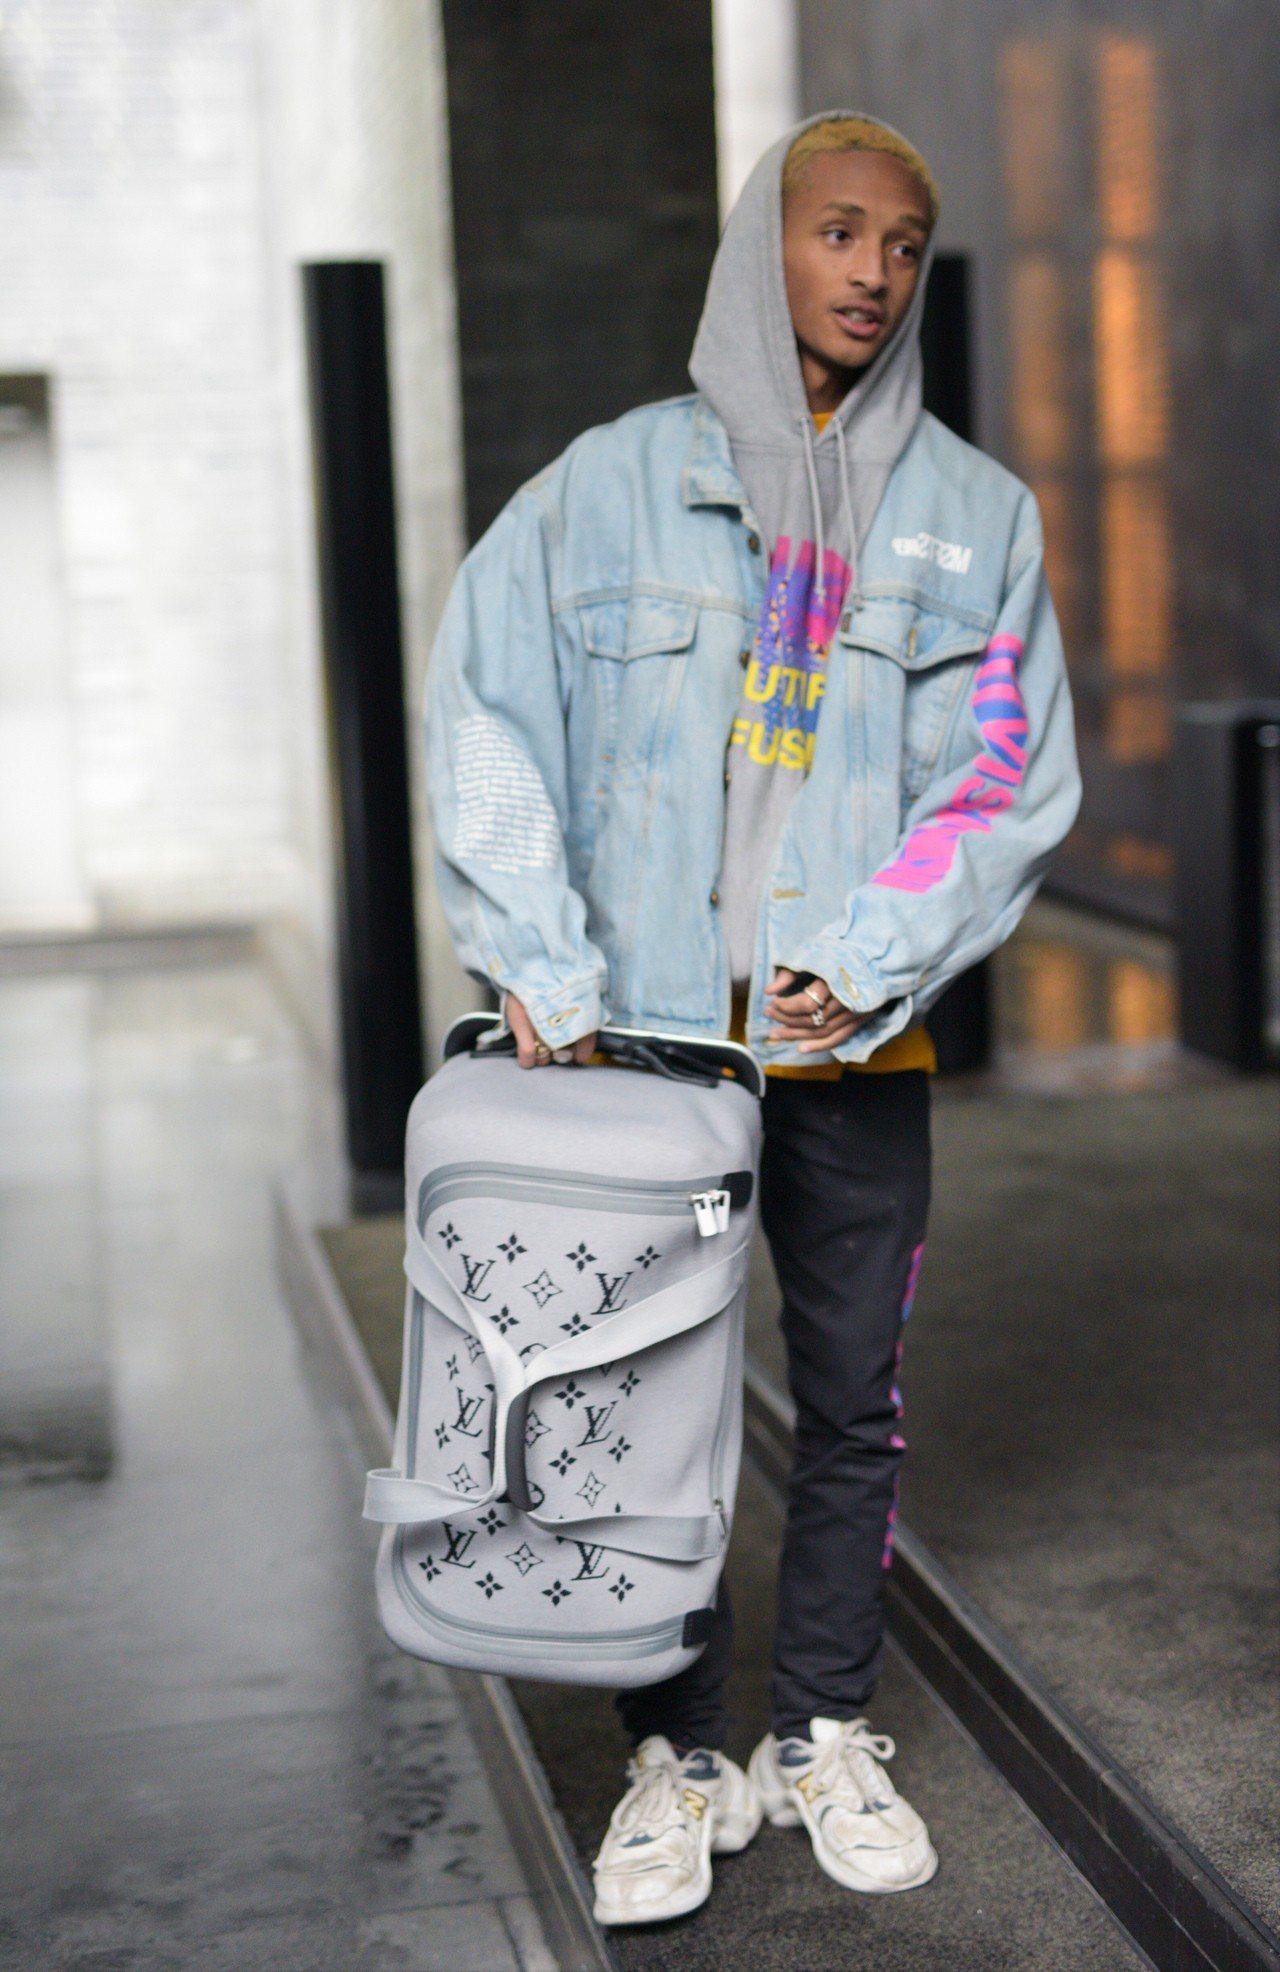 傑登.史密斯潮拎Horizon Soft系列行李箱。圖/LV提供